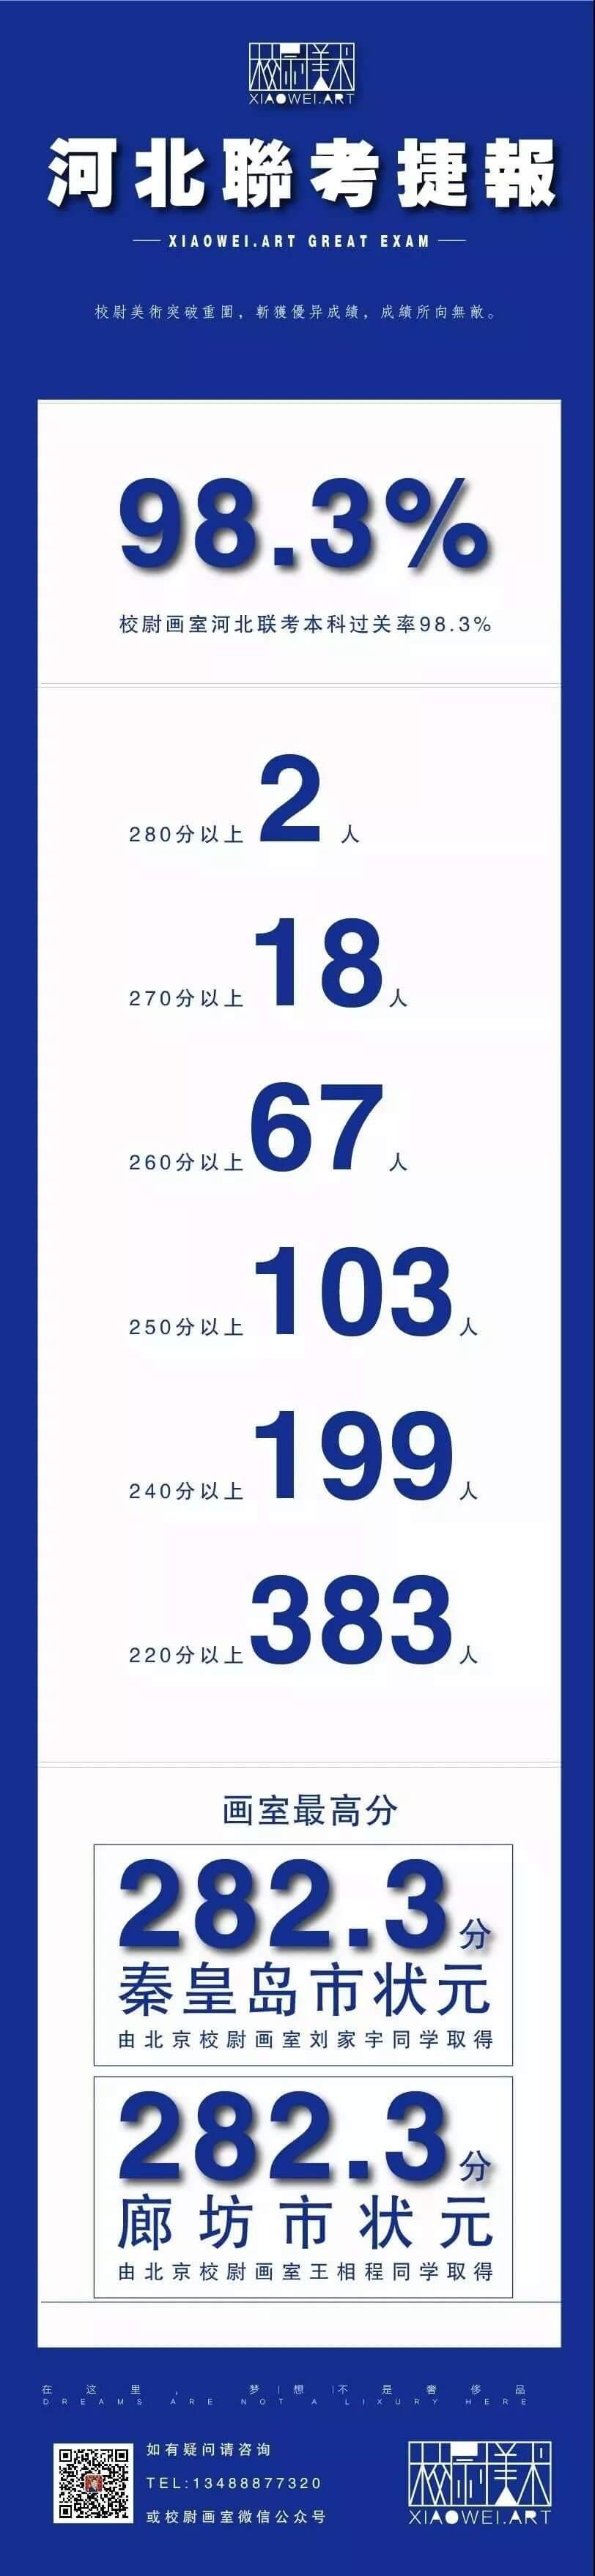 校尉画室:寒假班招生简章 | 预报名2020年集训豪礼重重!,北京画室,北京美术培训     24